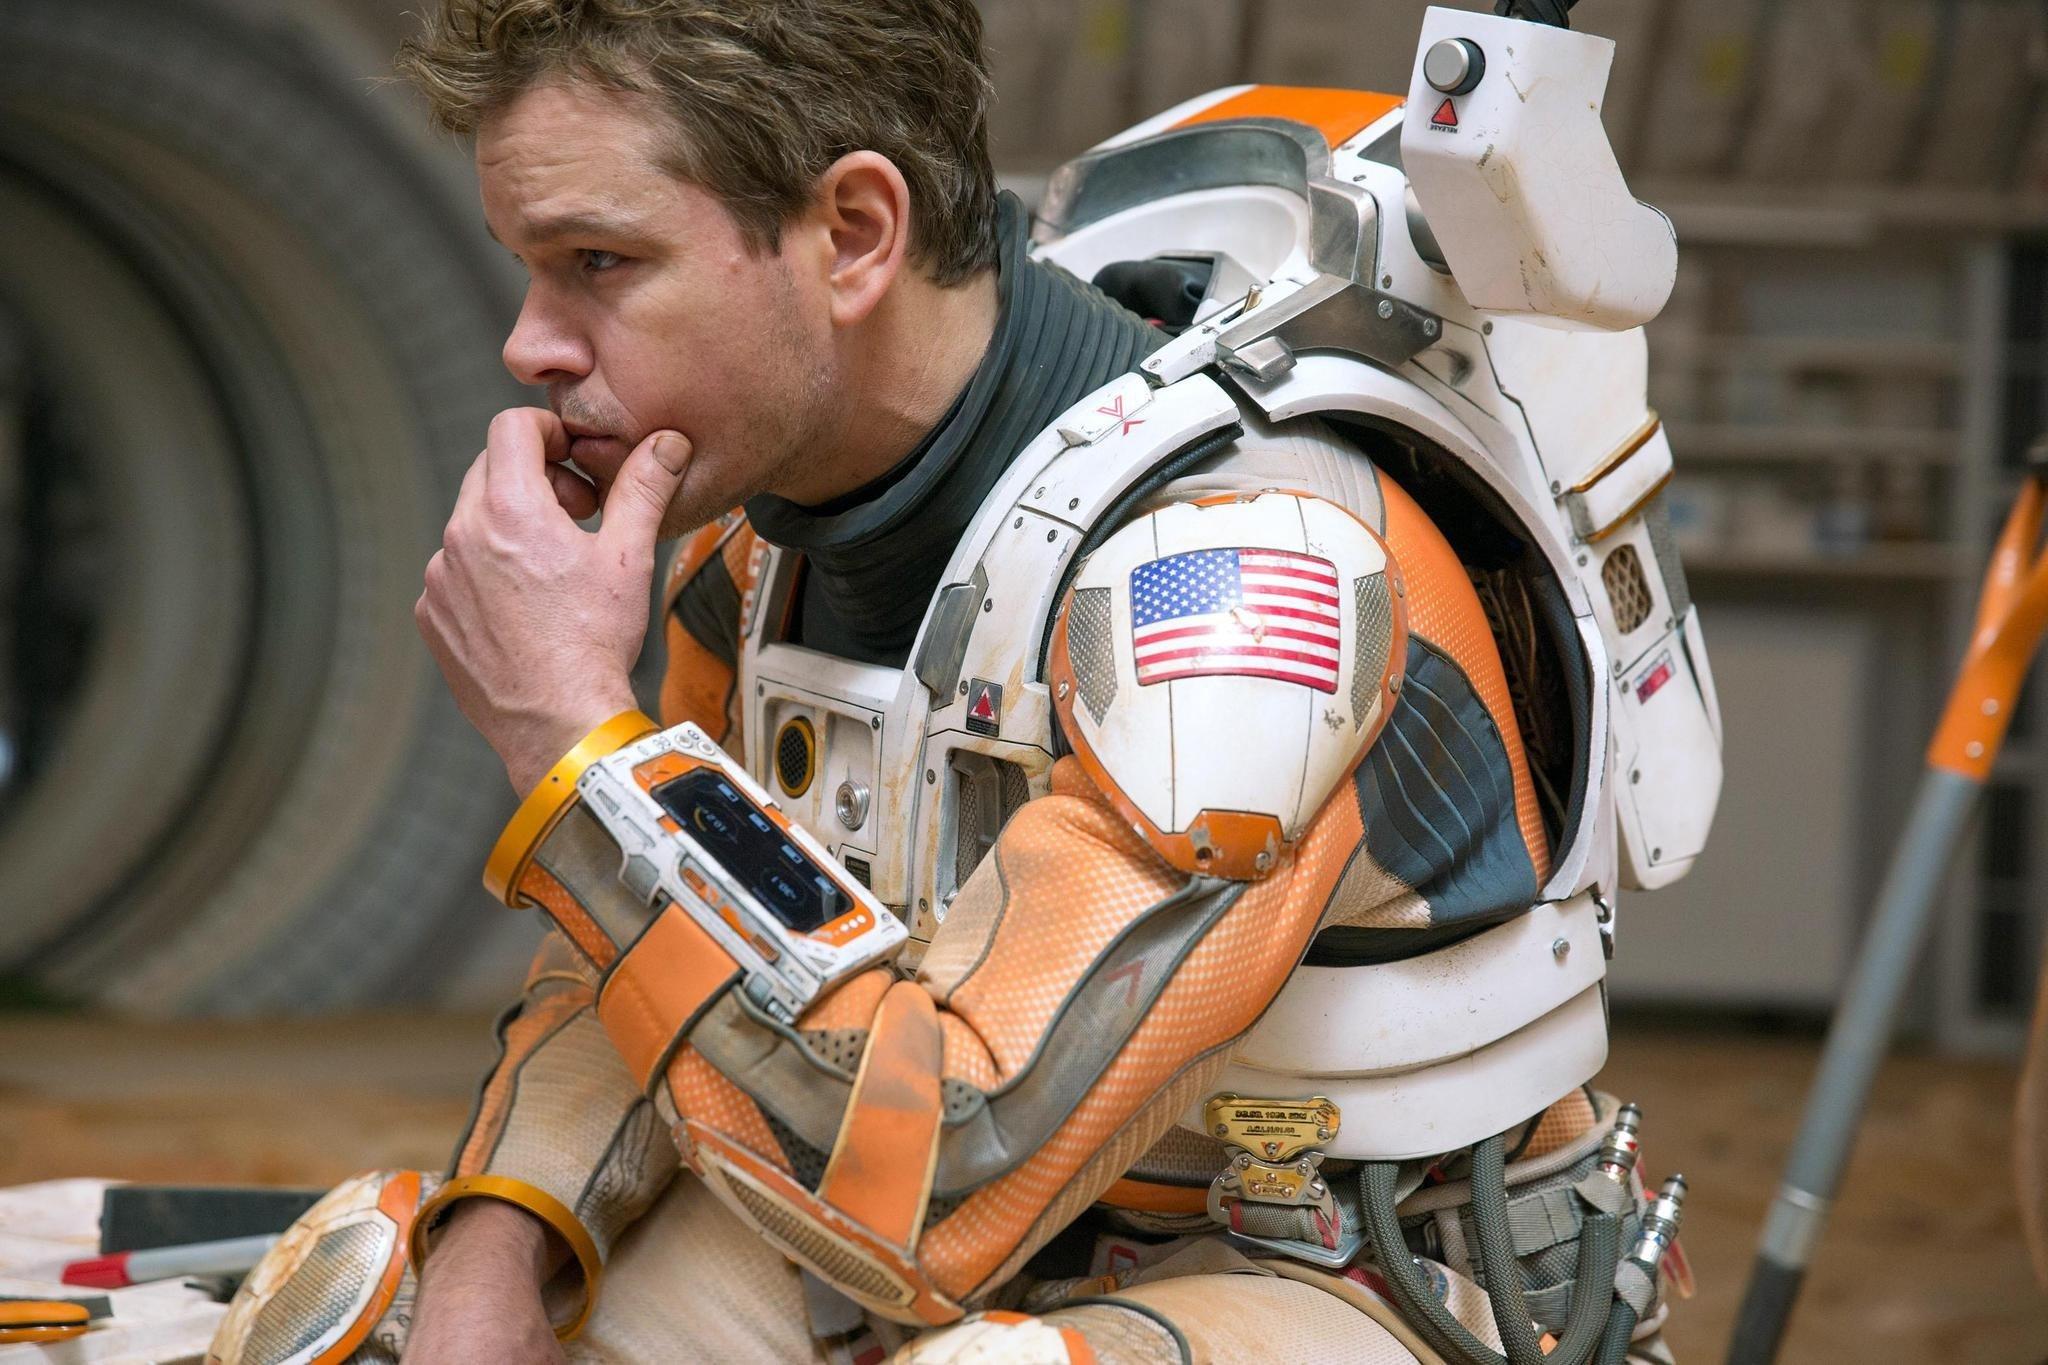 NASA, MARS'A GİDECEK KOMİK ASTRONOTLAR ARIYOR